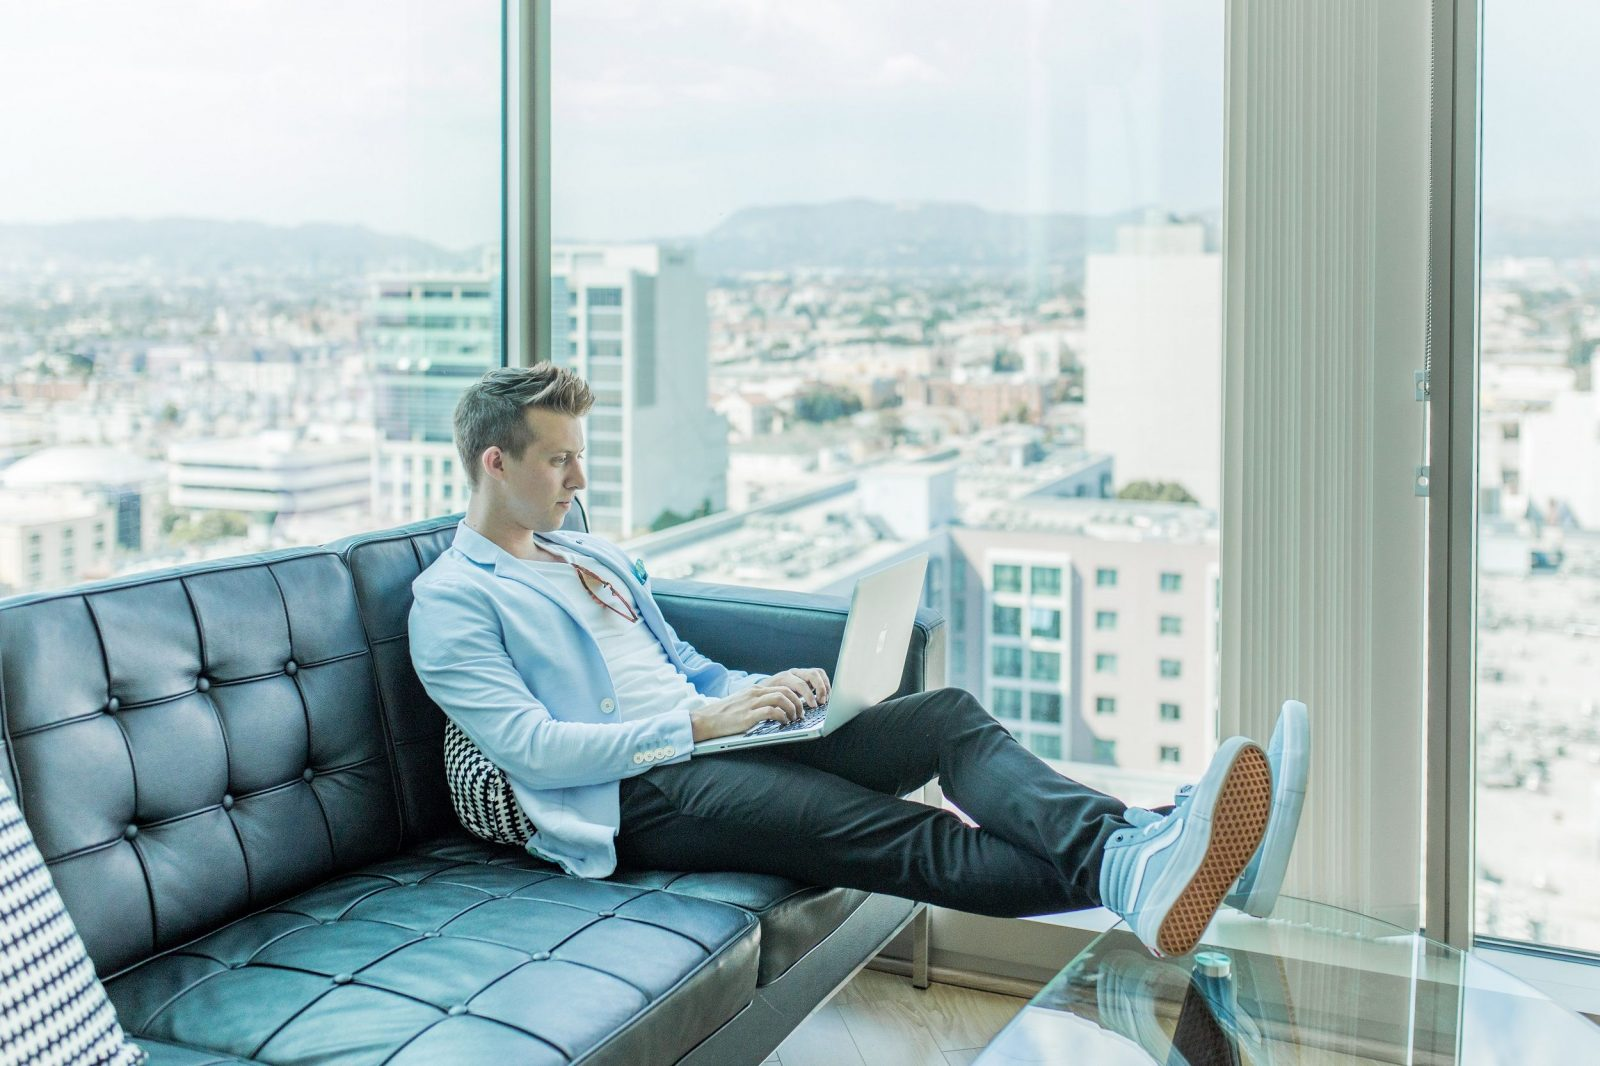 como crear un negocio online